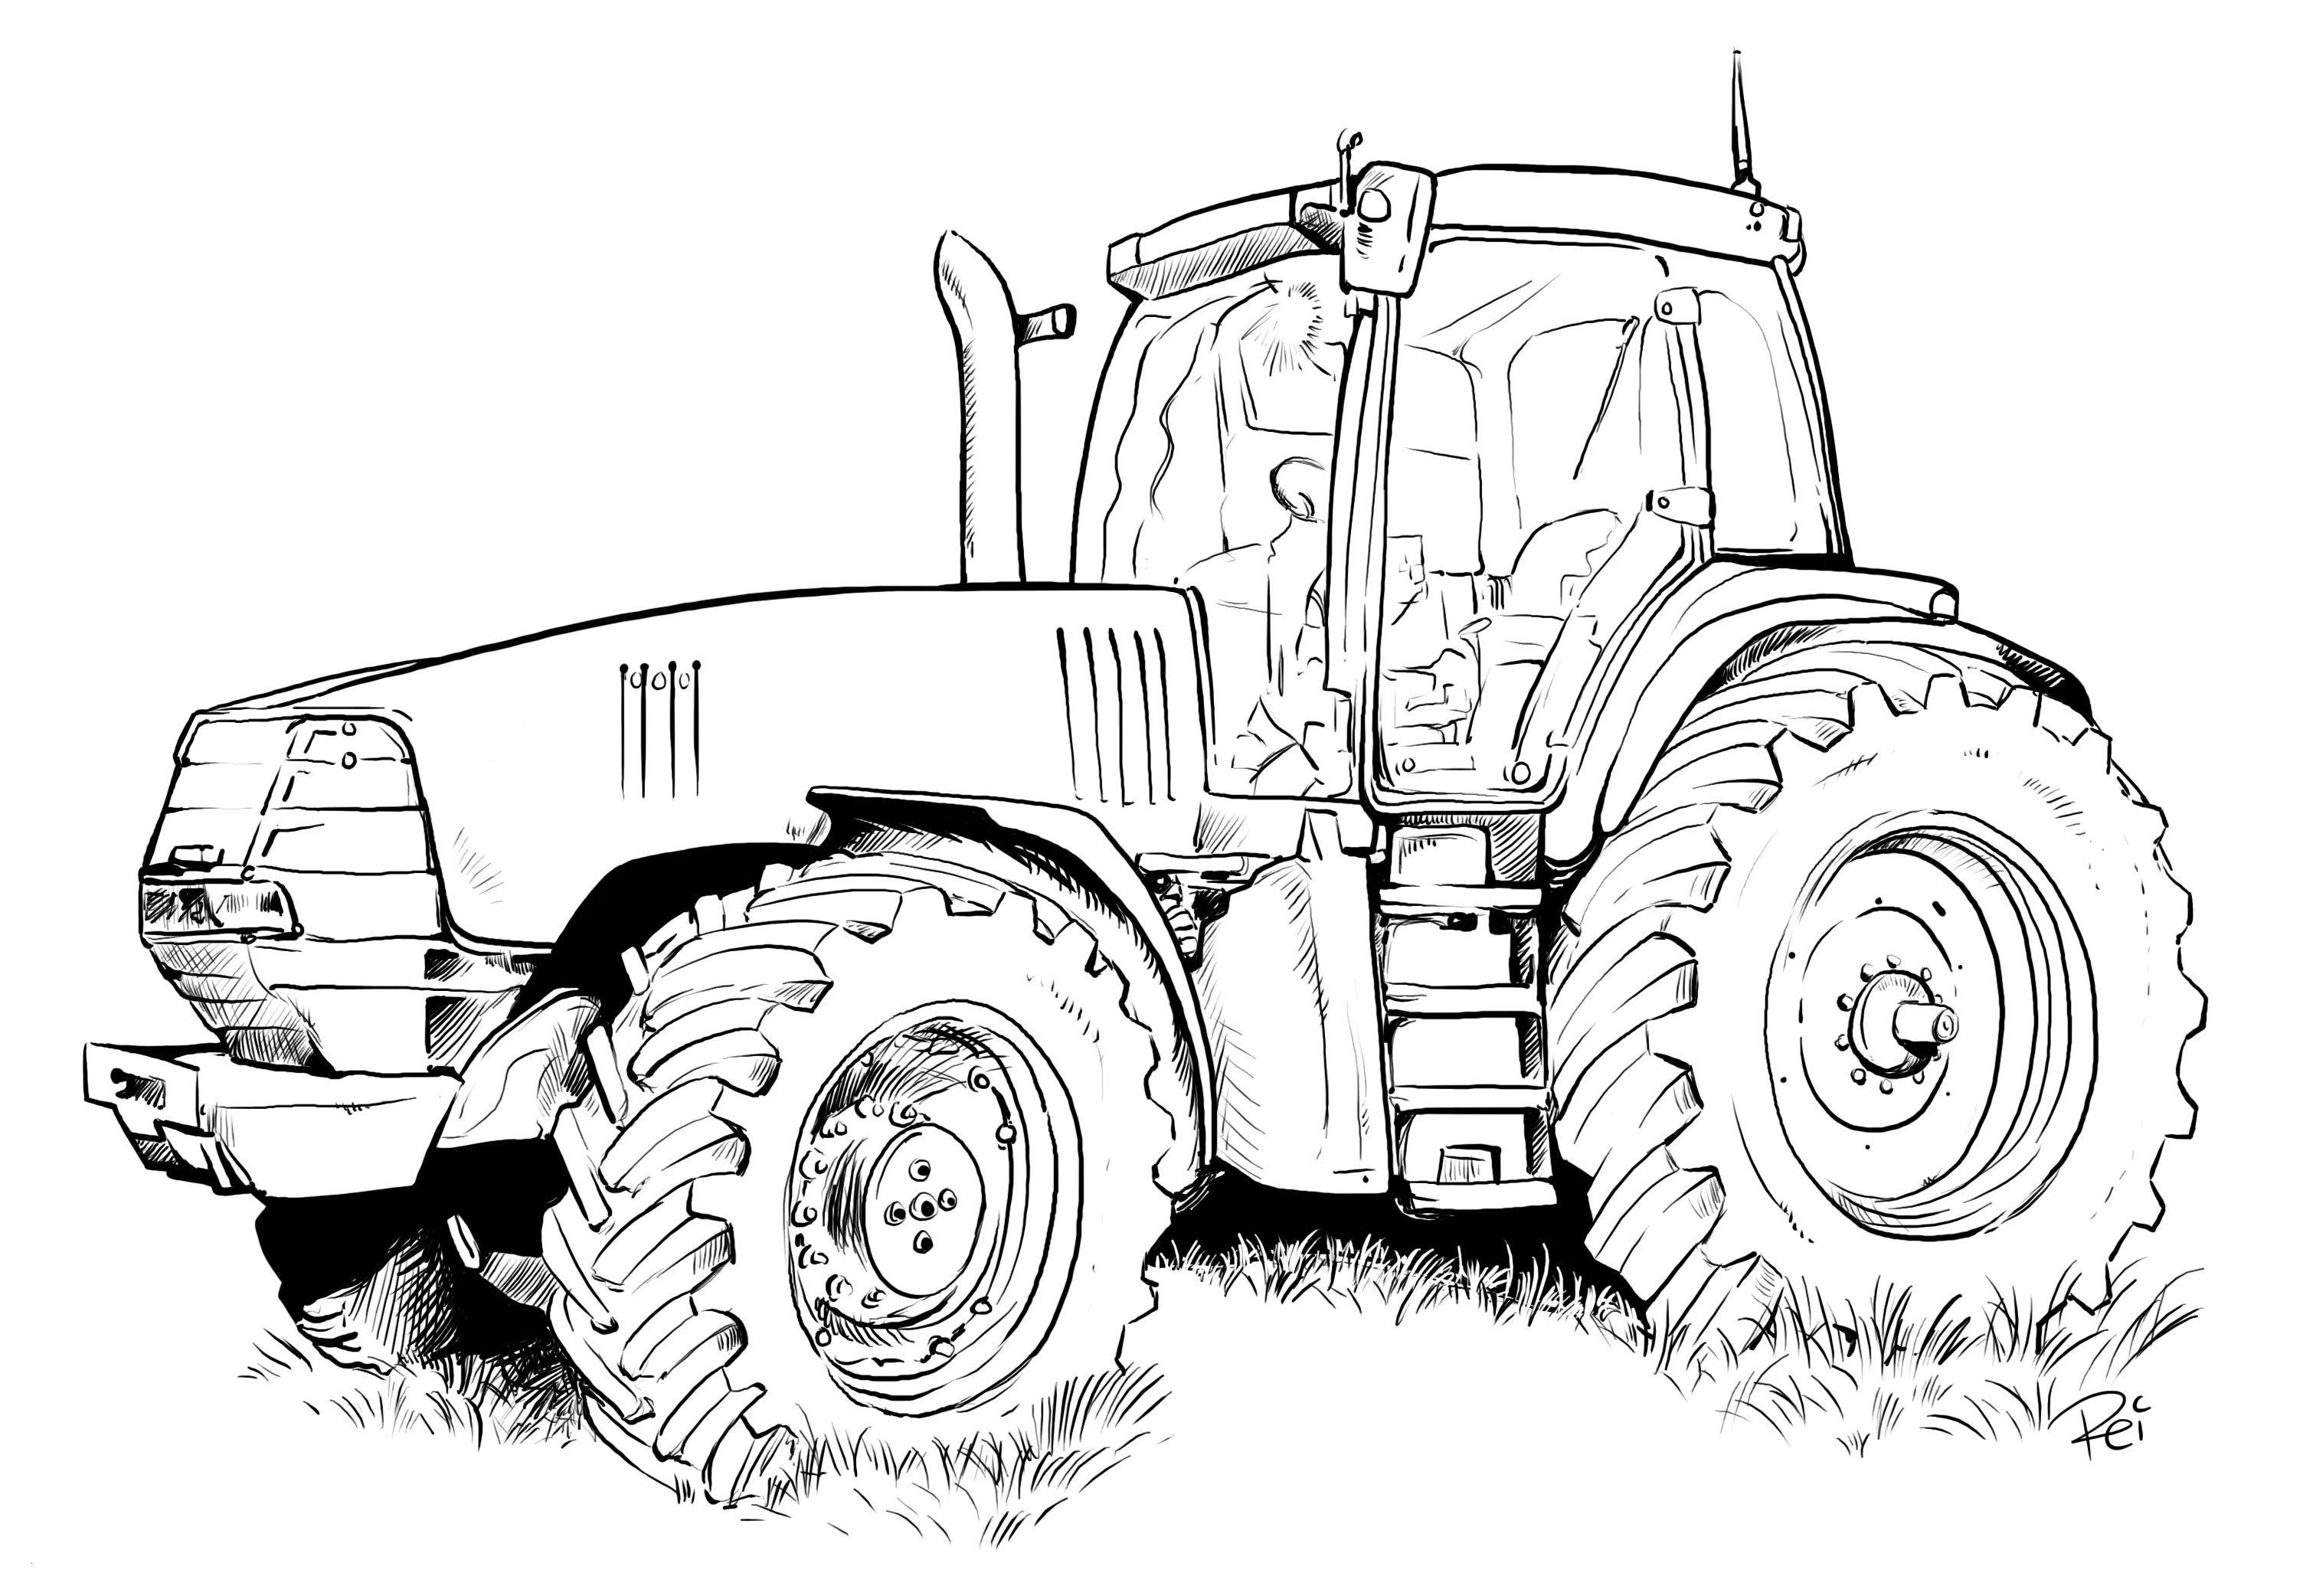 Malvorlage Robin Hood Genial Traktoren Bilder Zum Ausmalen Bildervorlagen E Malen Luxus Auto Bild